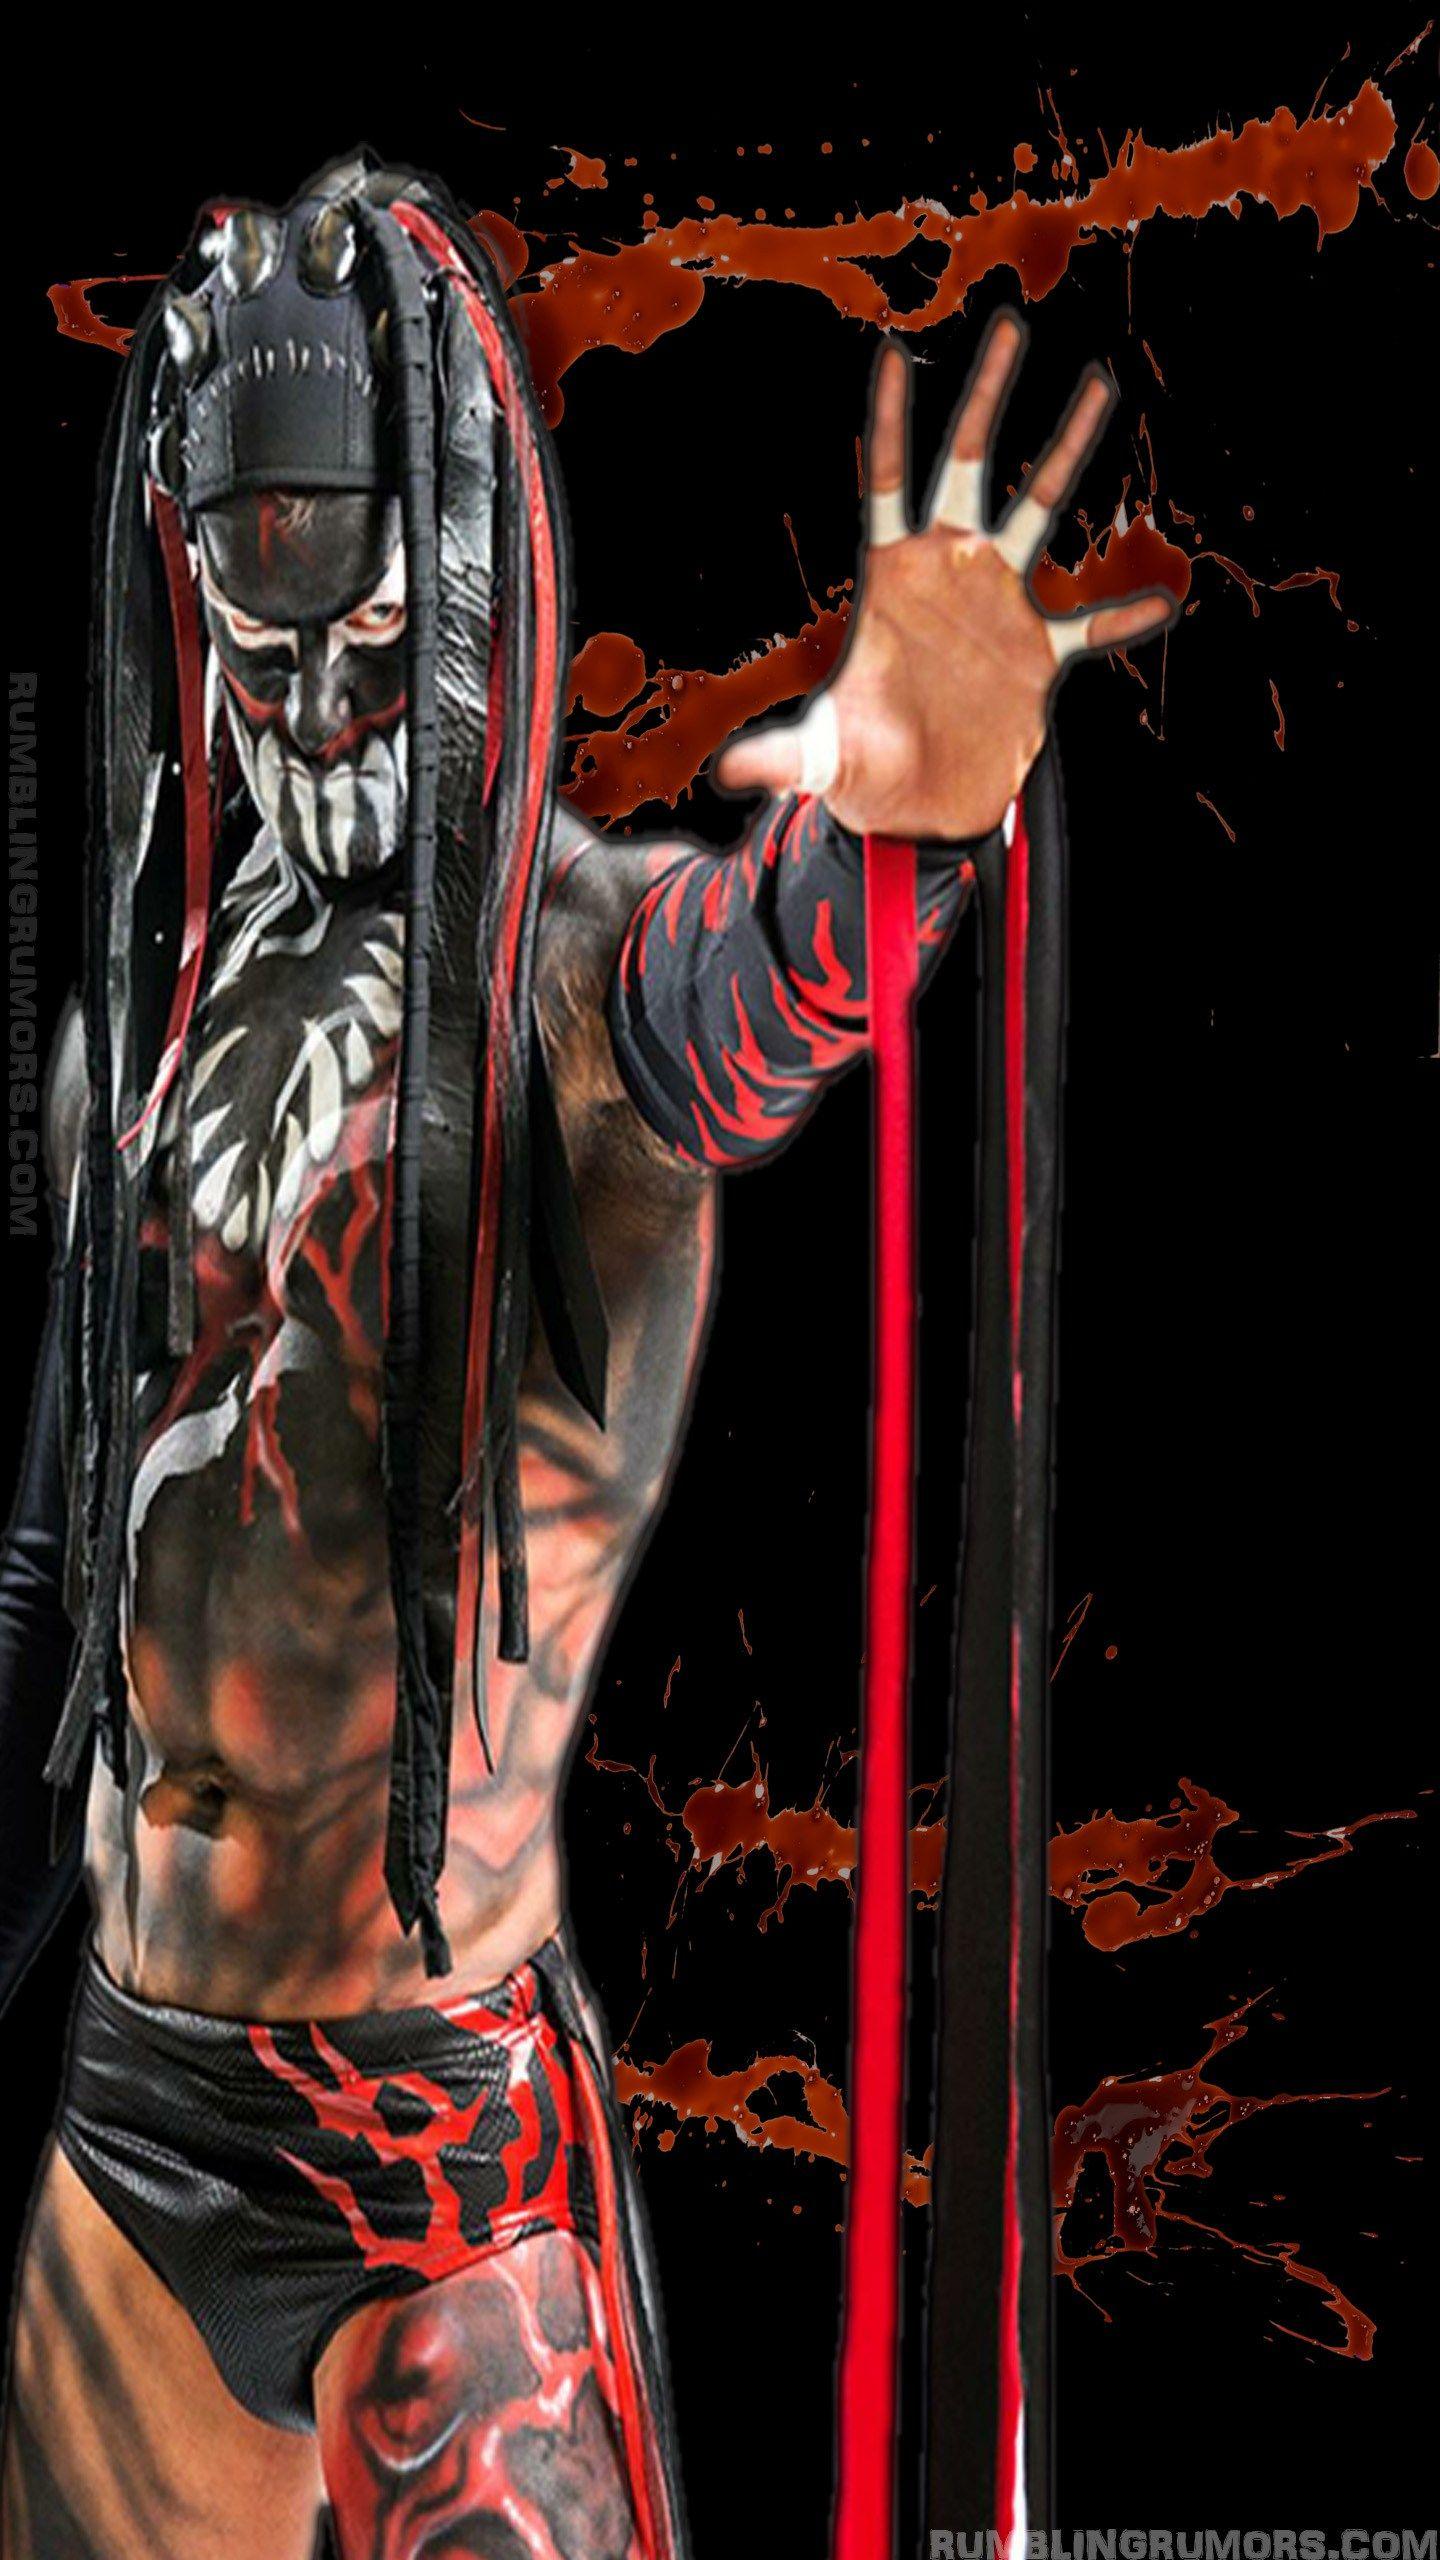 Finn Balor Halloween Mobile Wallpaper Page 4 Of 5 Rumblingrumors Wwe Pictures Mobile Wallpaper Finn Balor